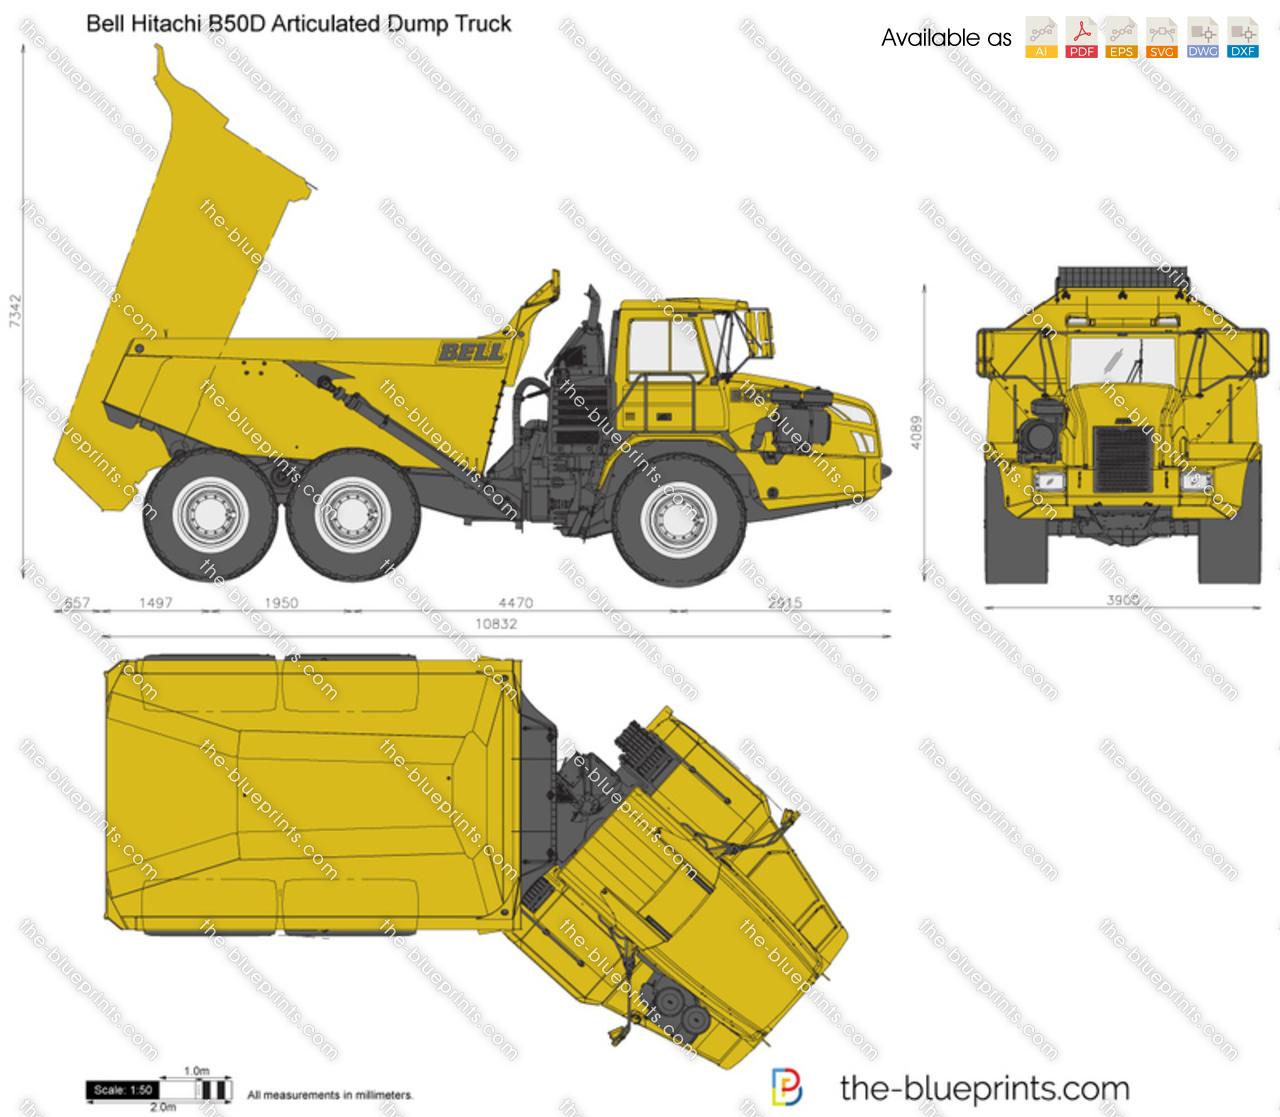 hight resolution of bell hitachi b50d articulated dump truck